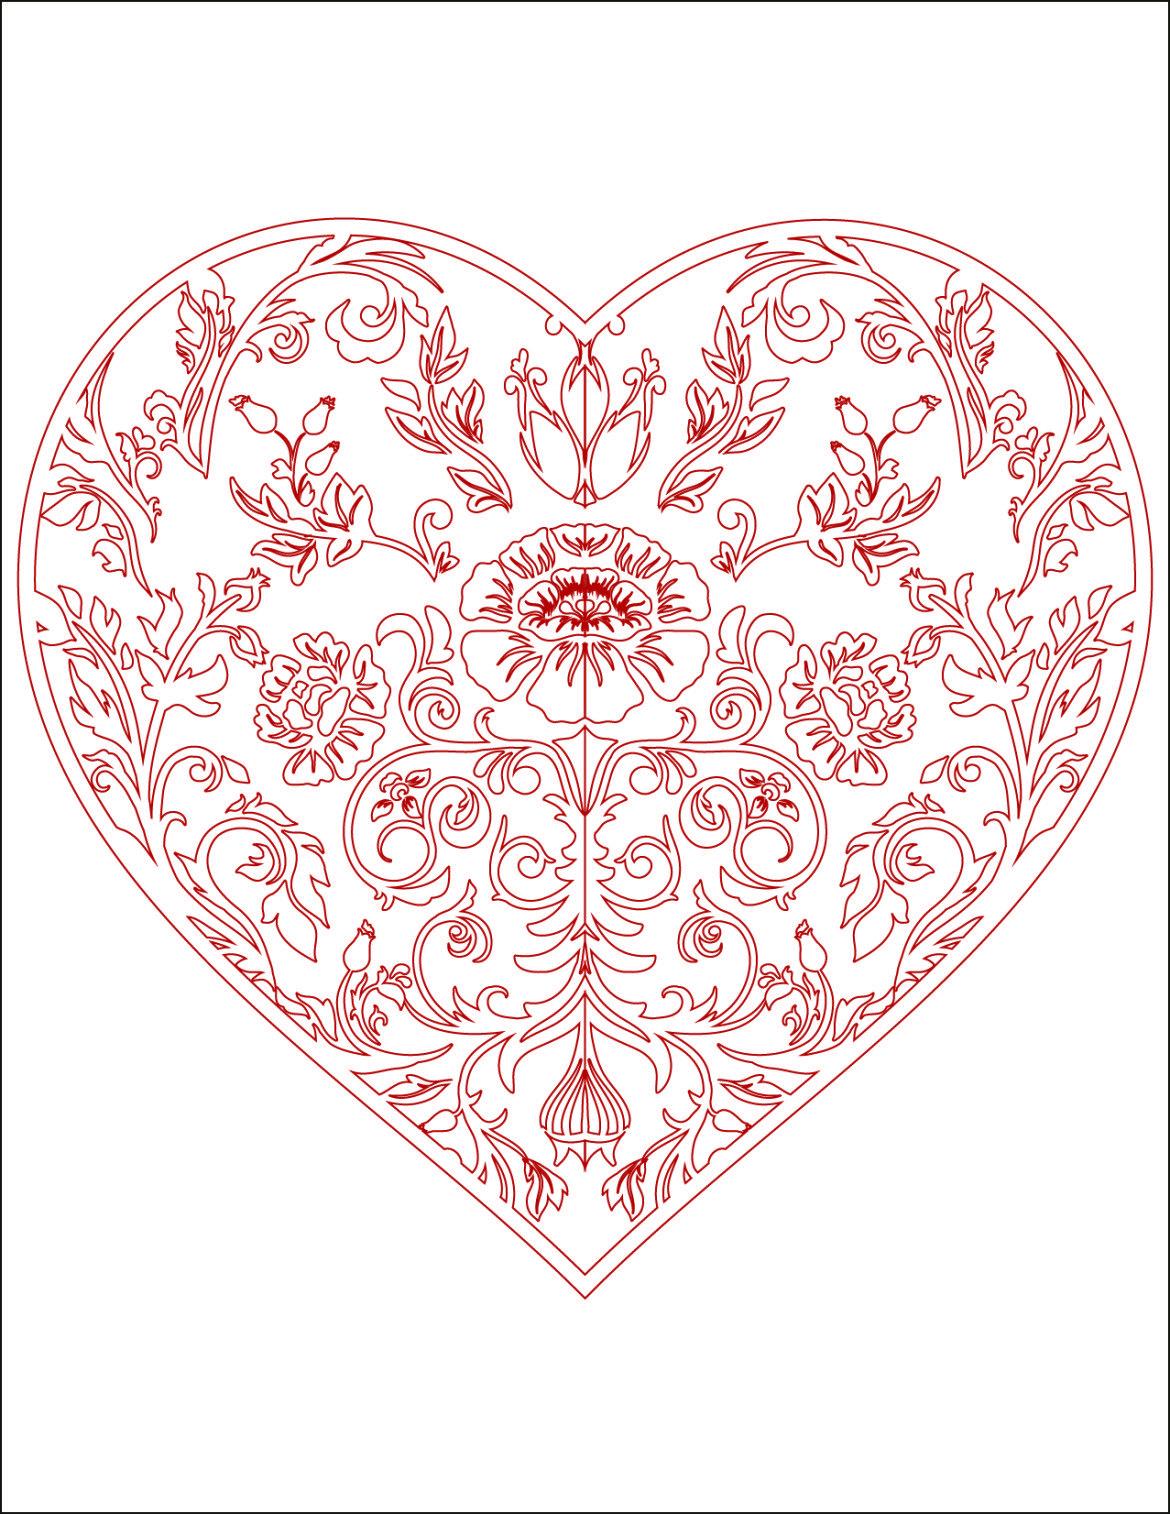 Image de bonjour d amour coloriage coeur  imprimer